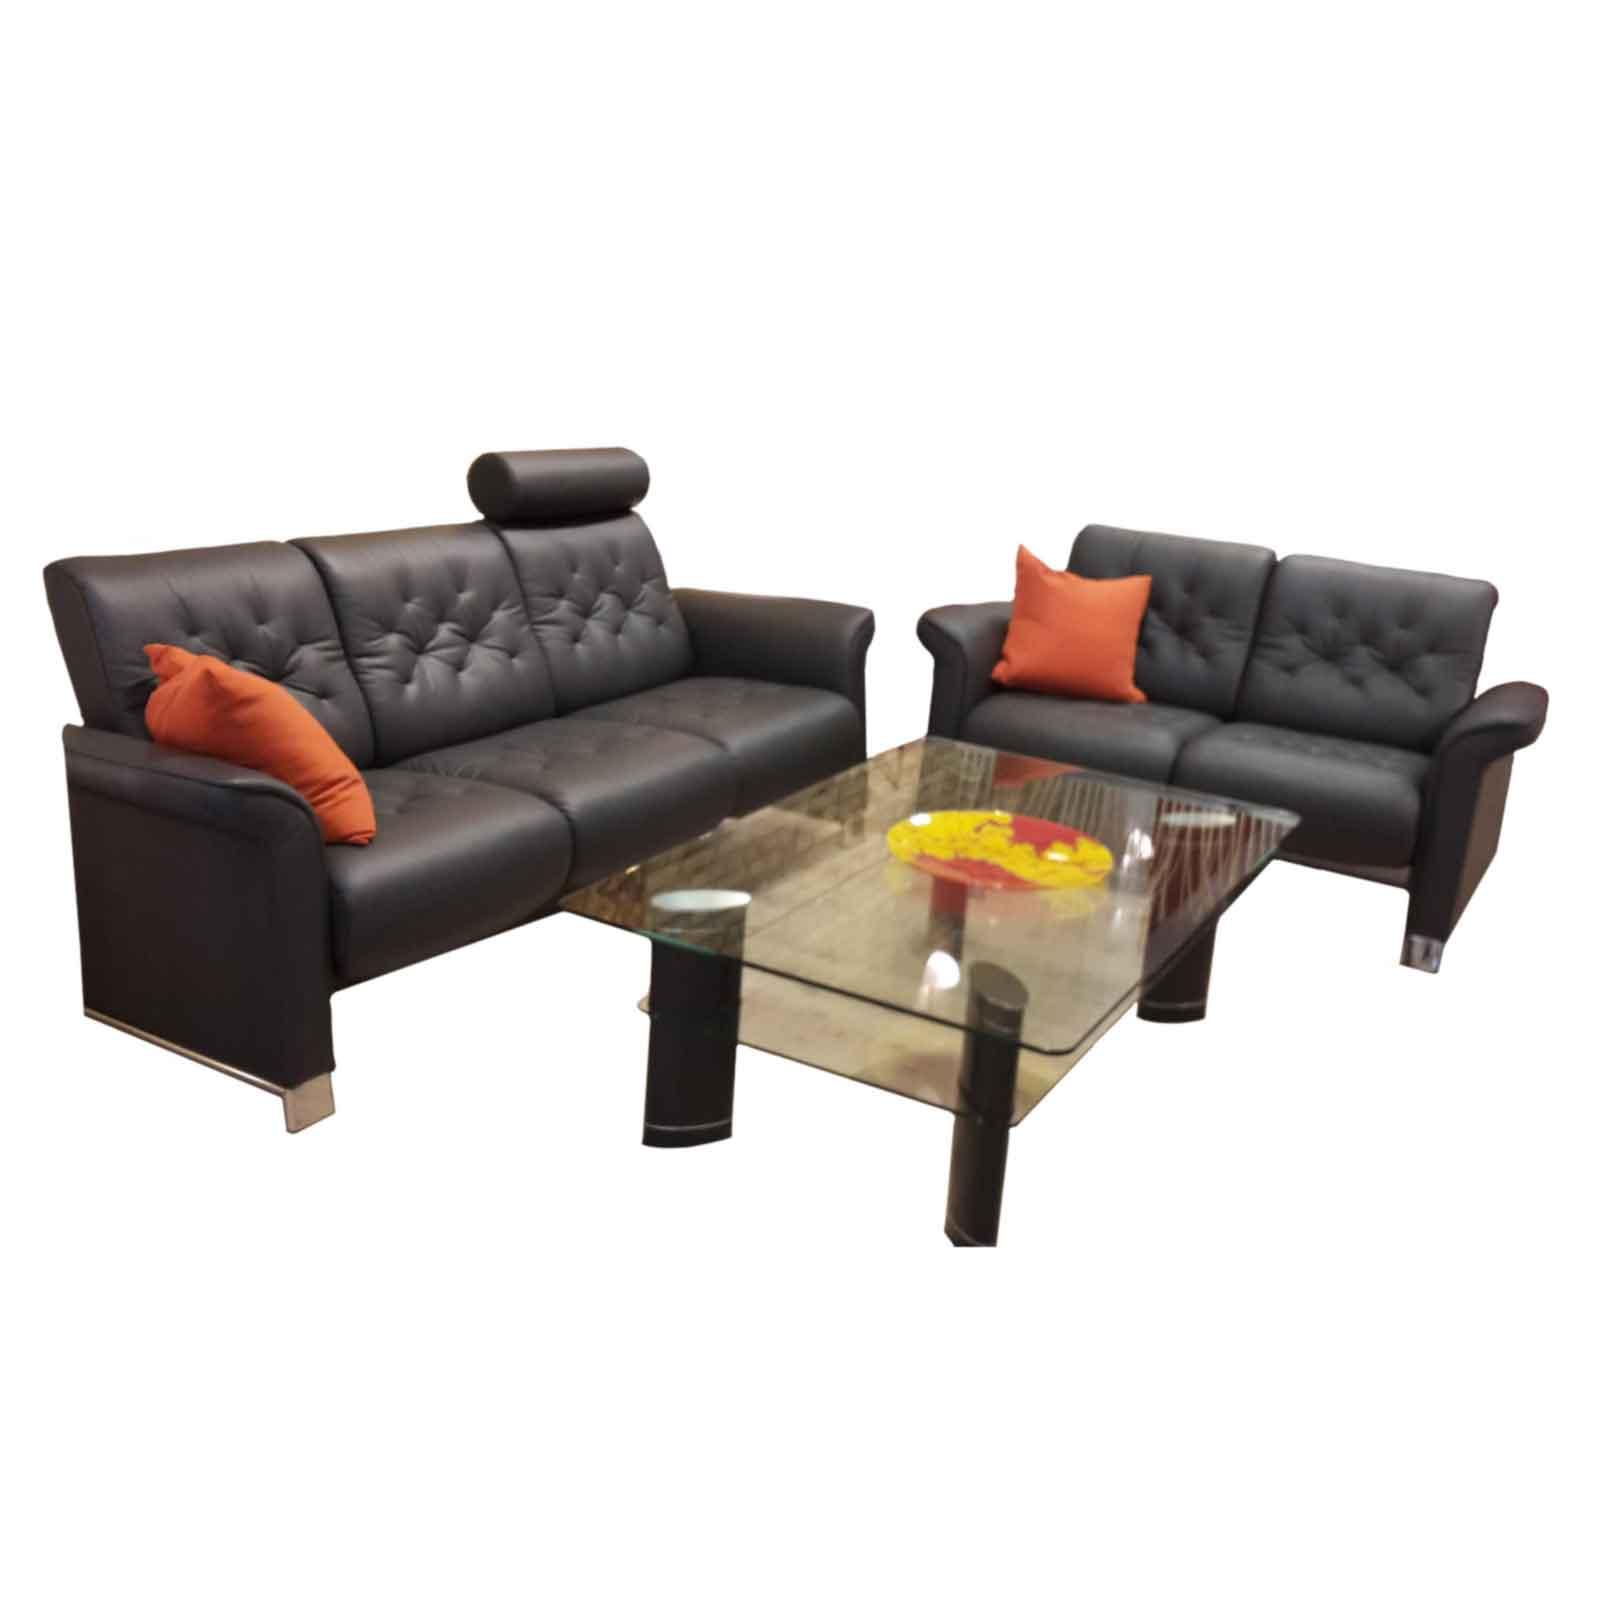 angebot stressless sofakombination metropolitan rock. Black Bedroom Furniture Sets. Home Design Ideas